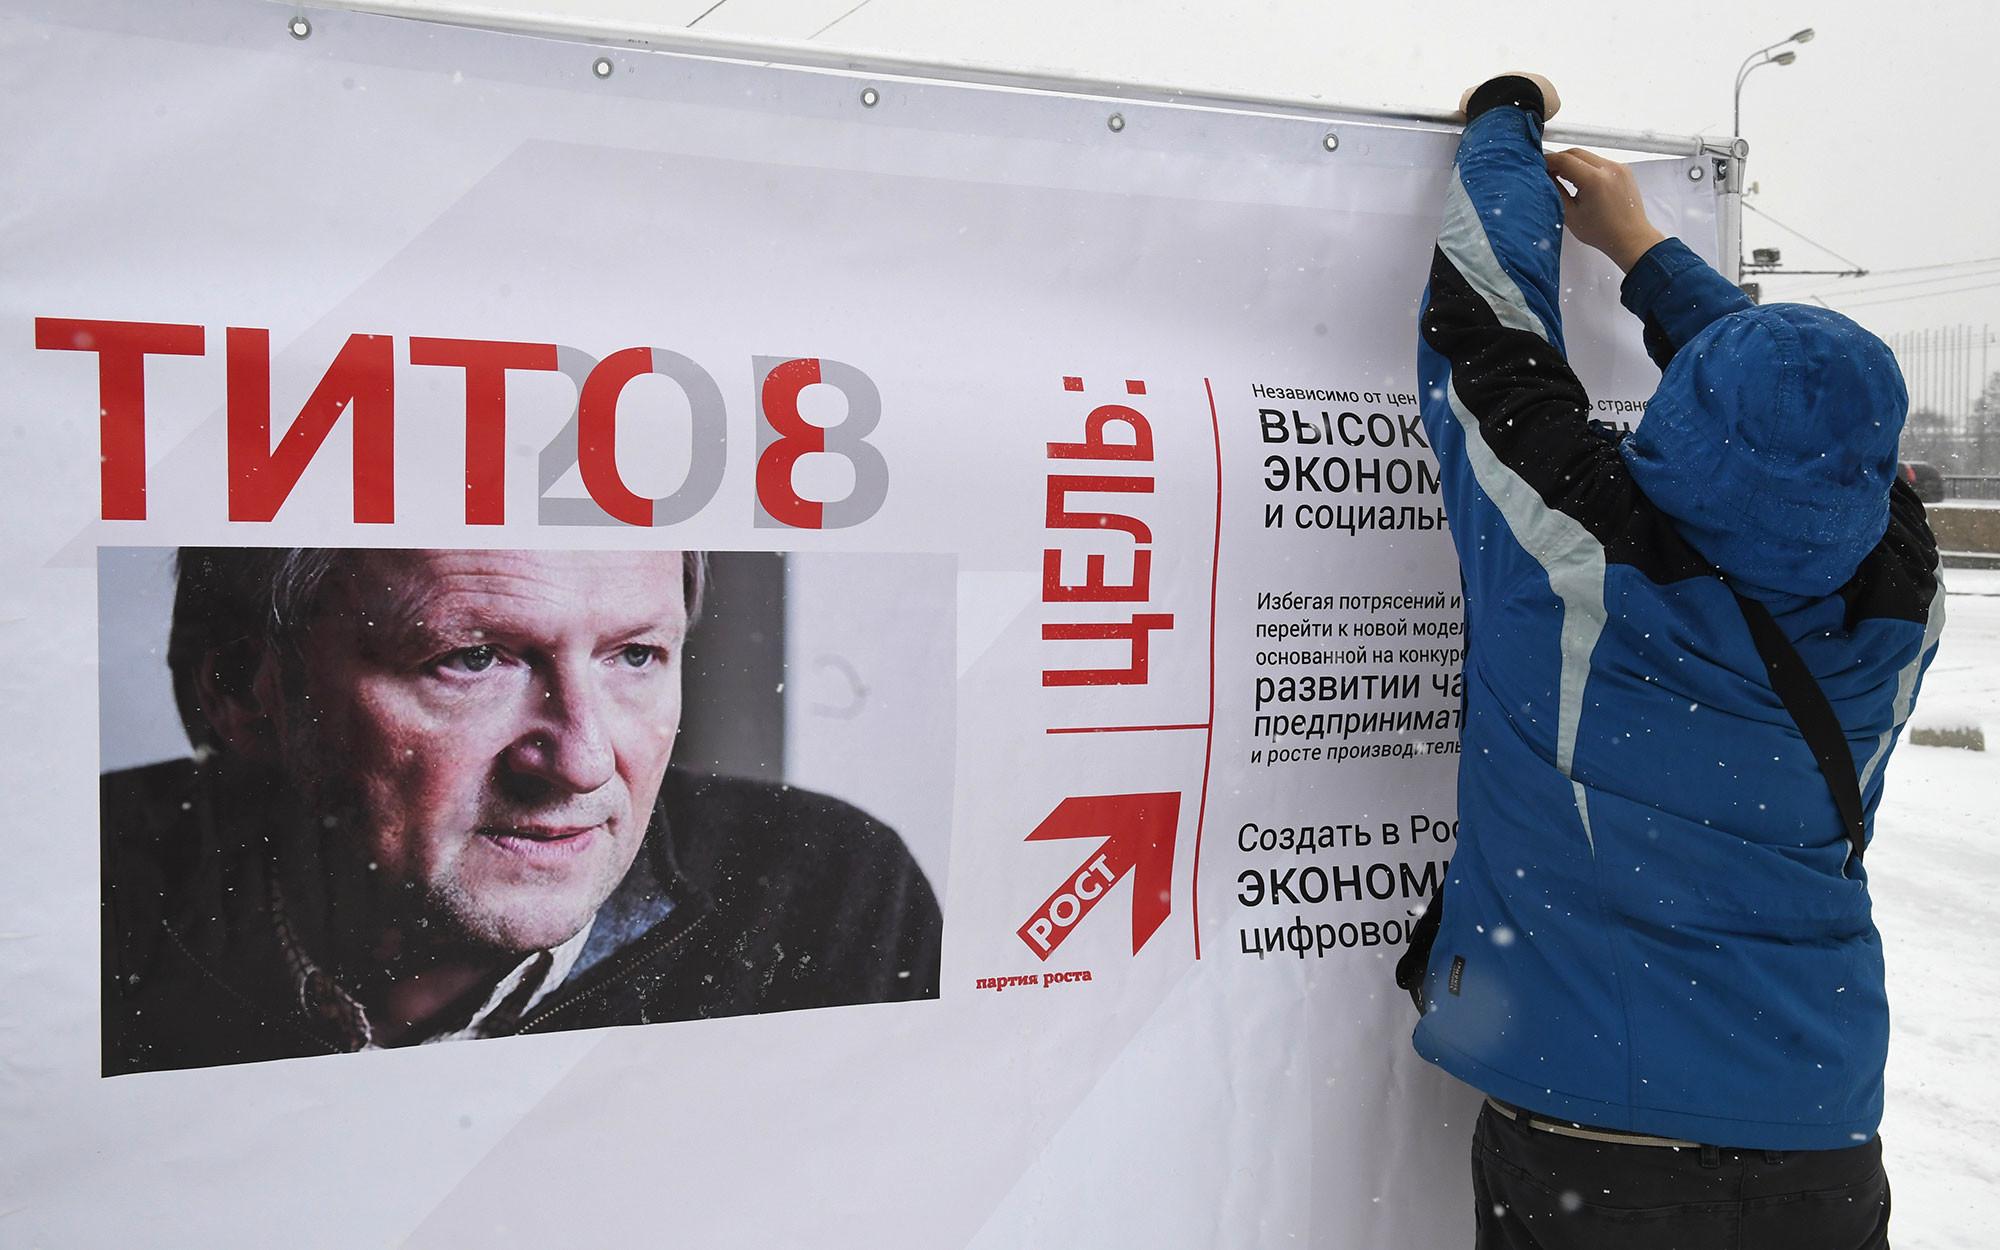 Фото: © РИА Новости / Илья Пителв